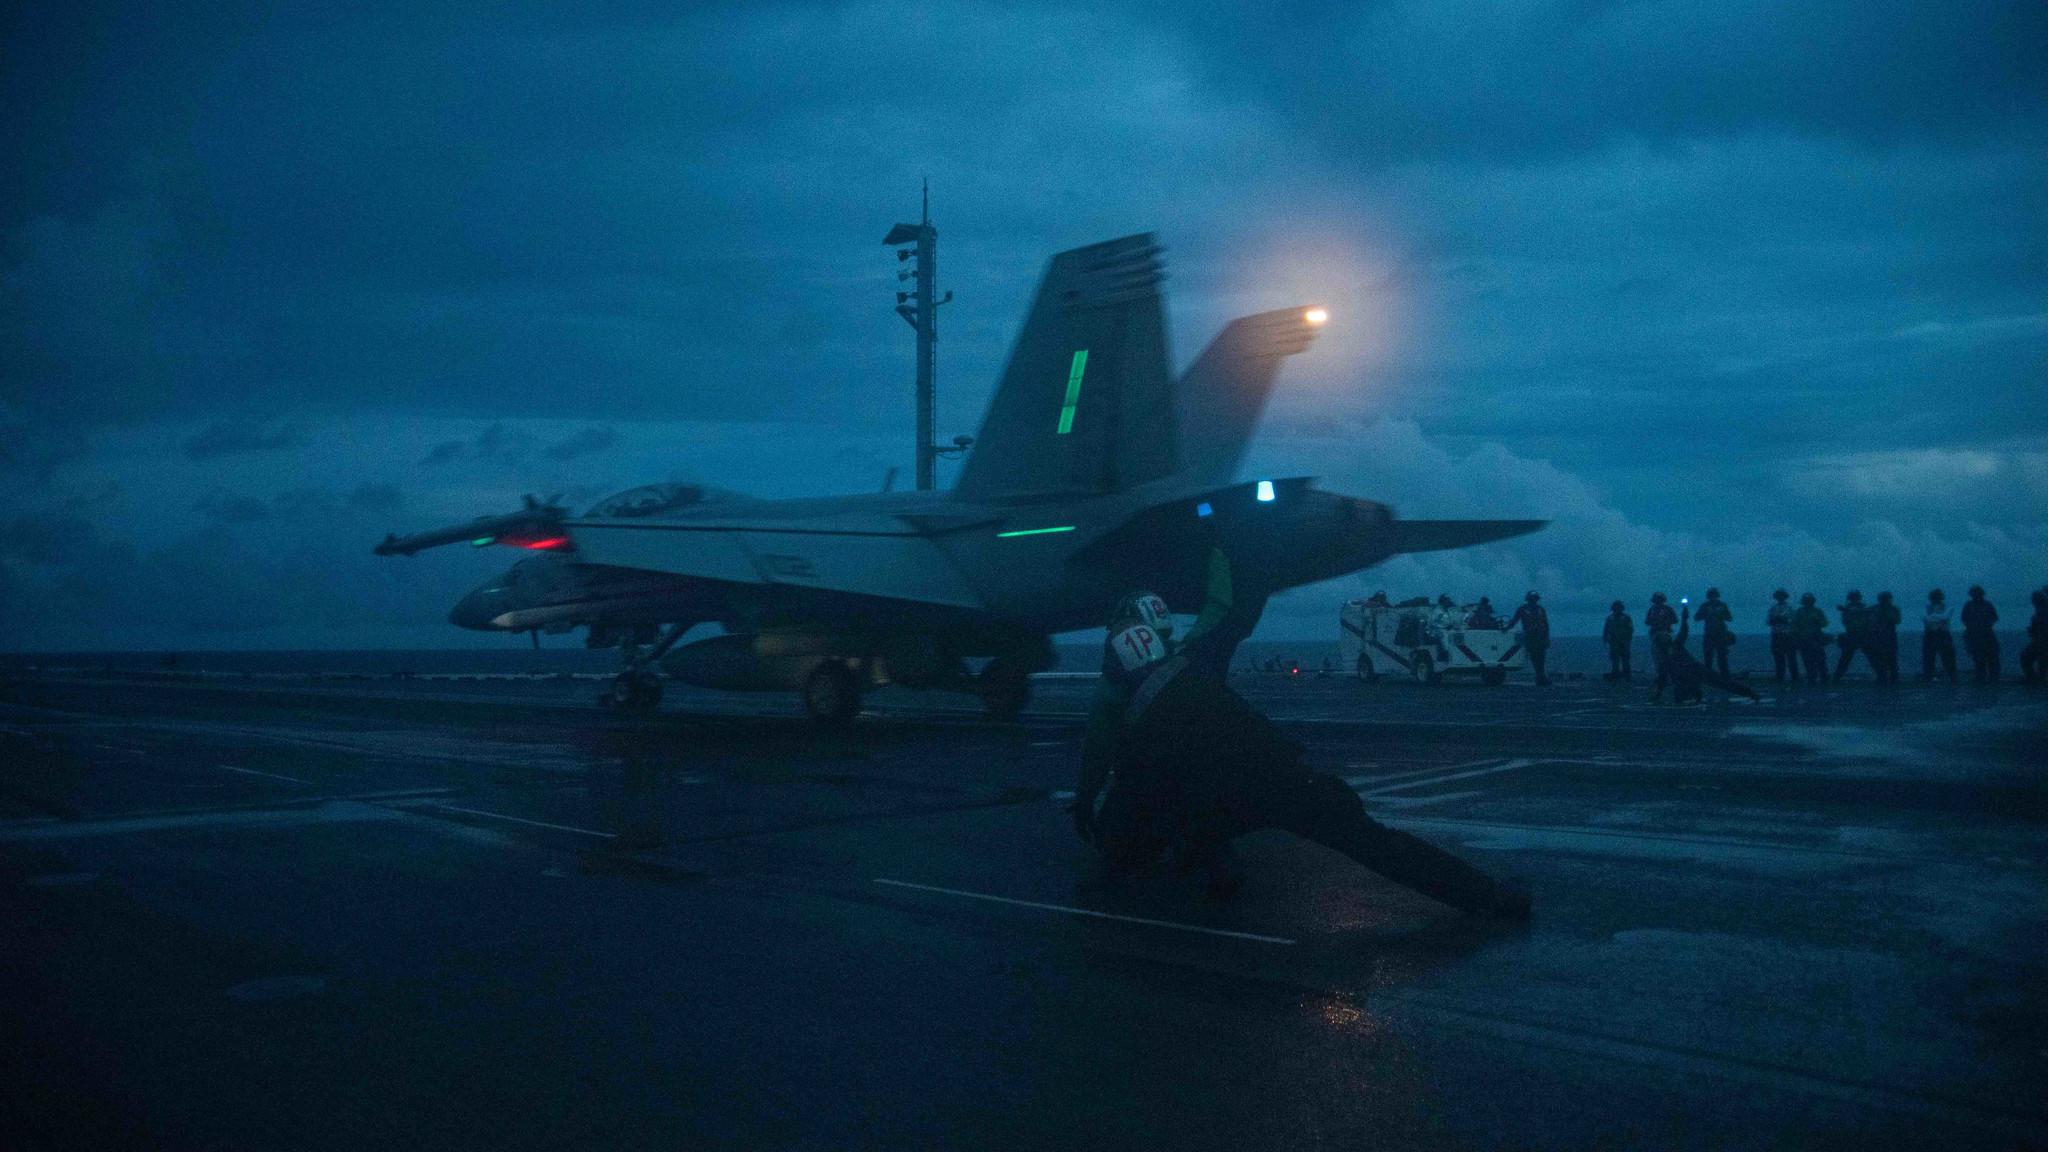 6月15日28架次中共軍機侵擾台灣空域。6月14日美軍第七艦隊列根號航母打擊群再度駛入南中國海。圖為清晨F/A-18F 超級大黃蜂細雨中在列根號航母飛行甲板上操演。(USS Ronald Reagan Twitter)